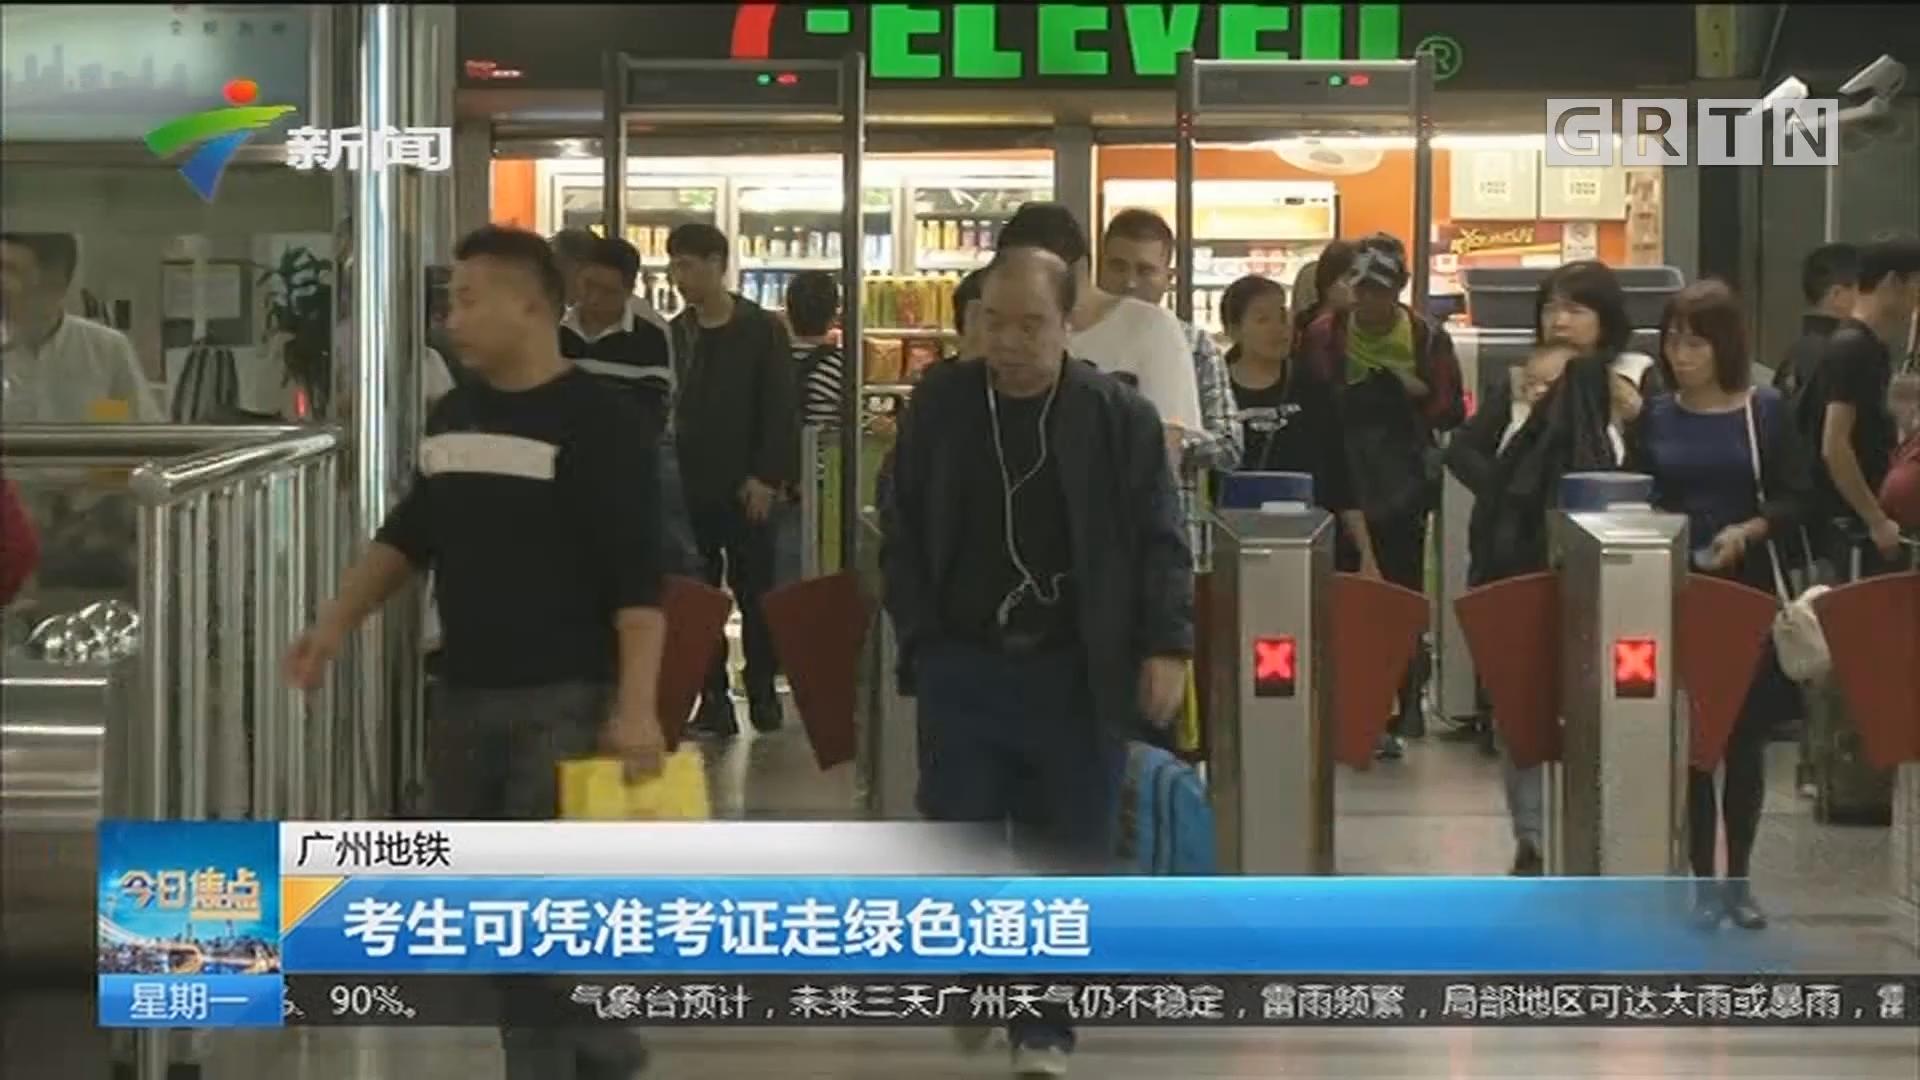 广州地铁:考生可凭准考证走绿色通道